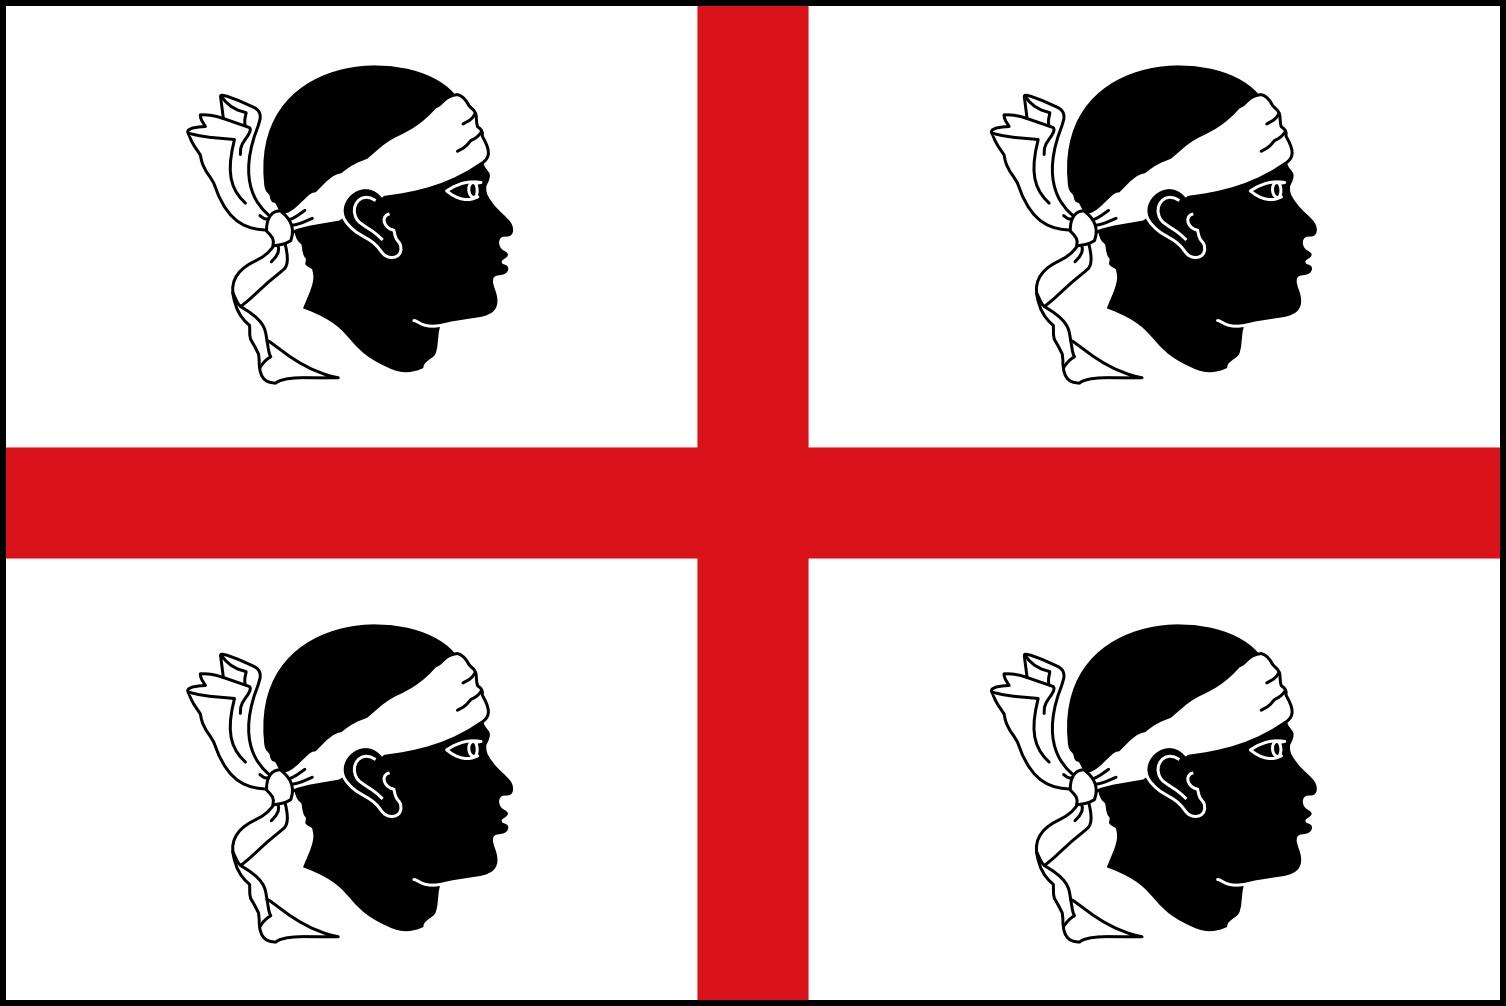 """c7ace4fabf Esta bandera figura también en el tercer cuartel del escudo oficial de  Aragón y los aragoneses la llaman """"Cruz de Alcoraz""""."""